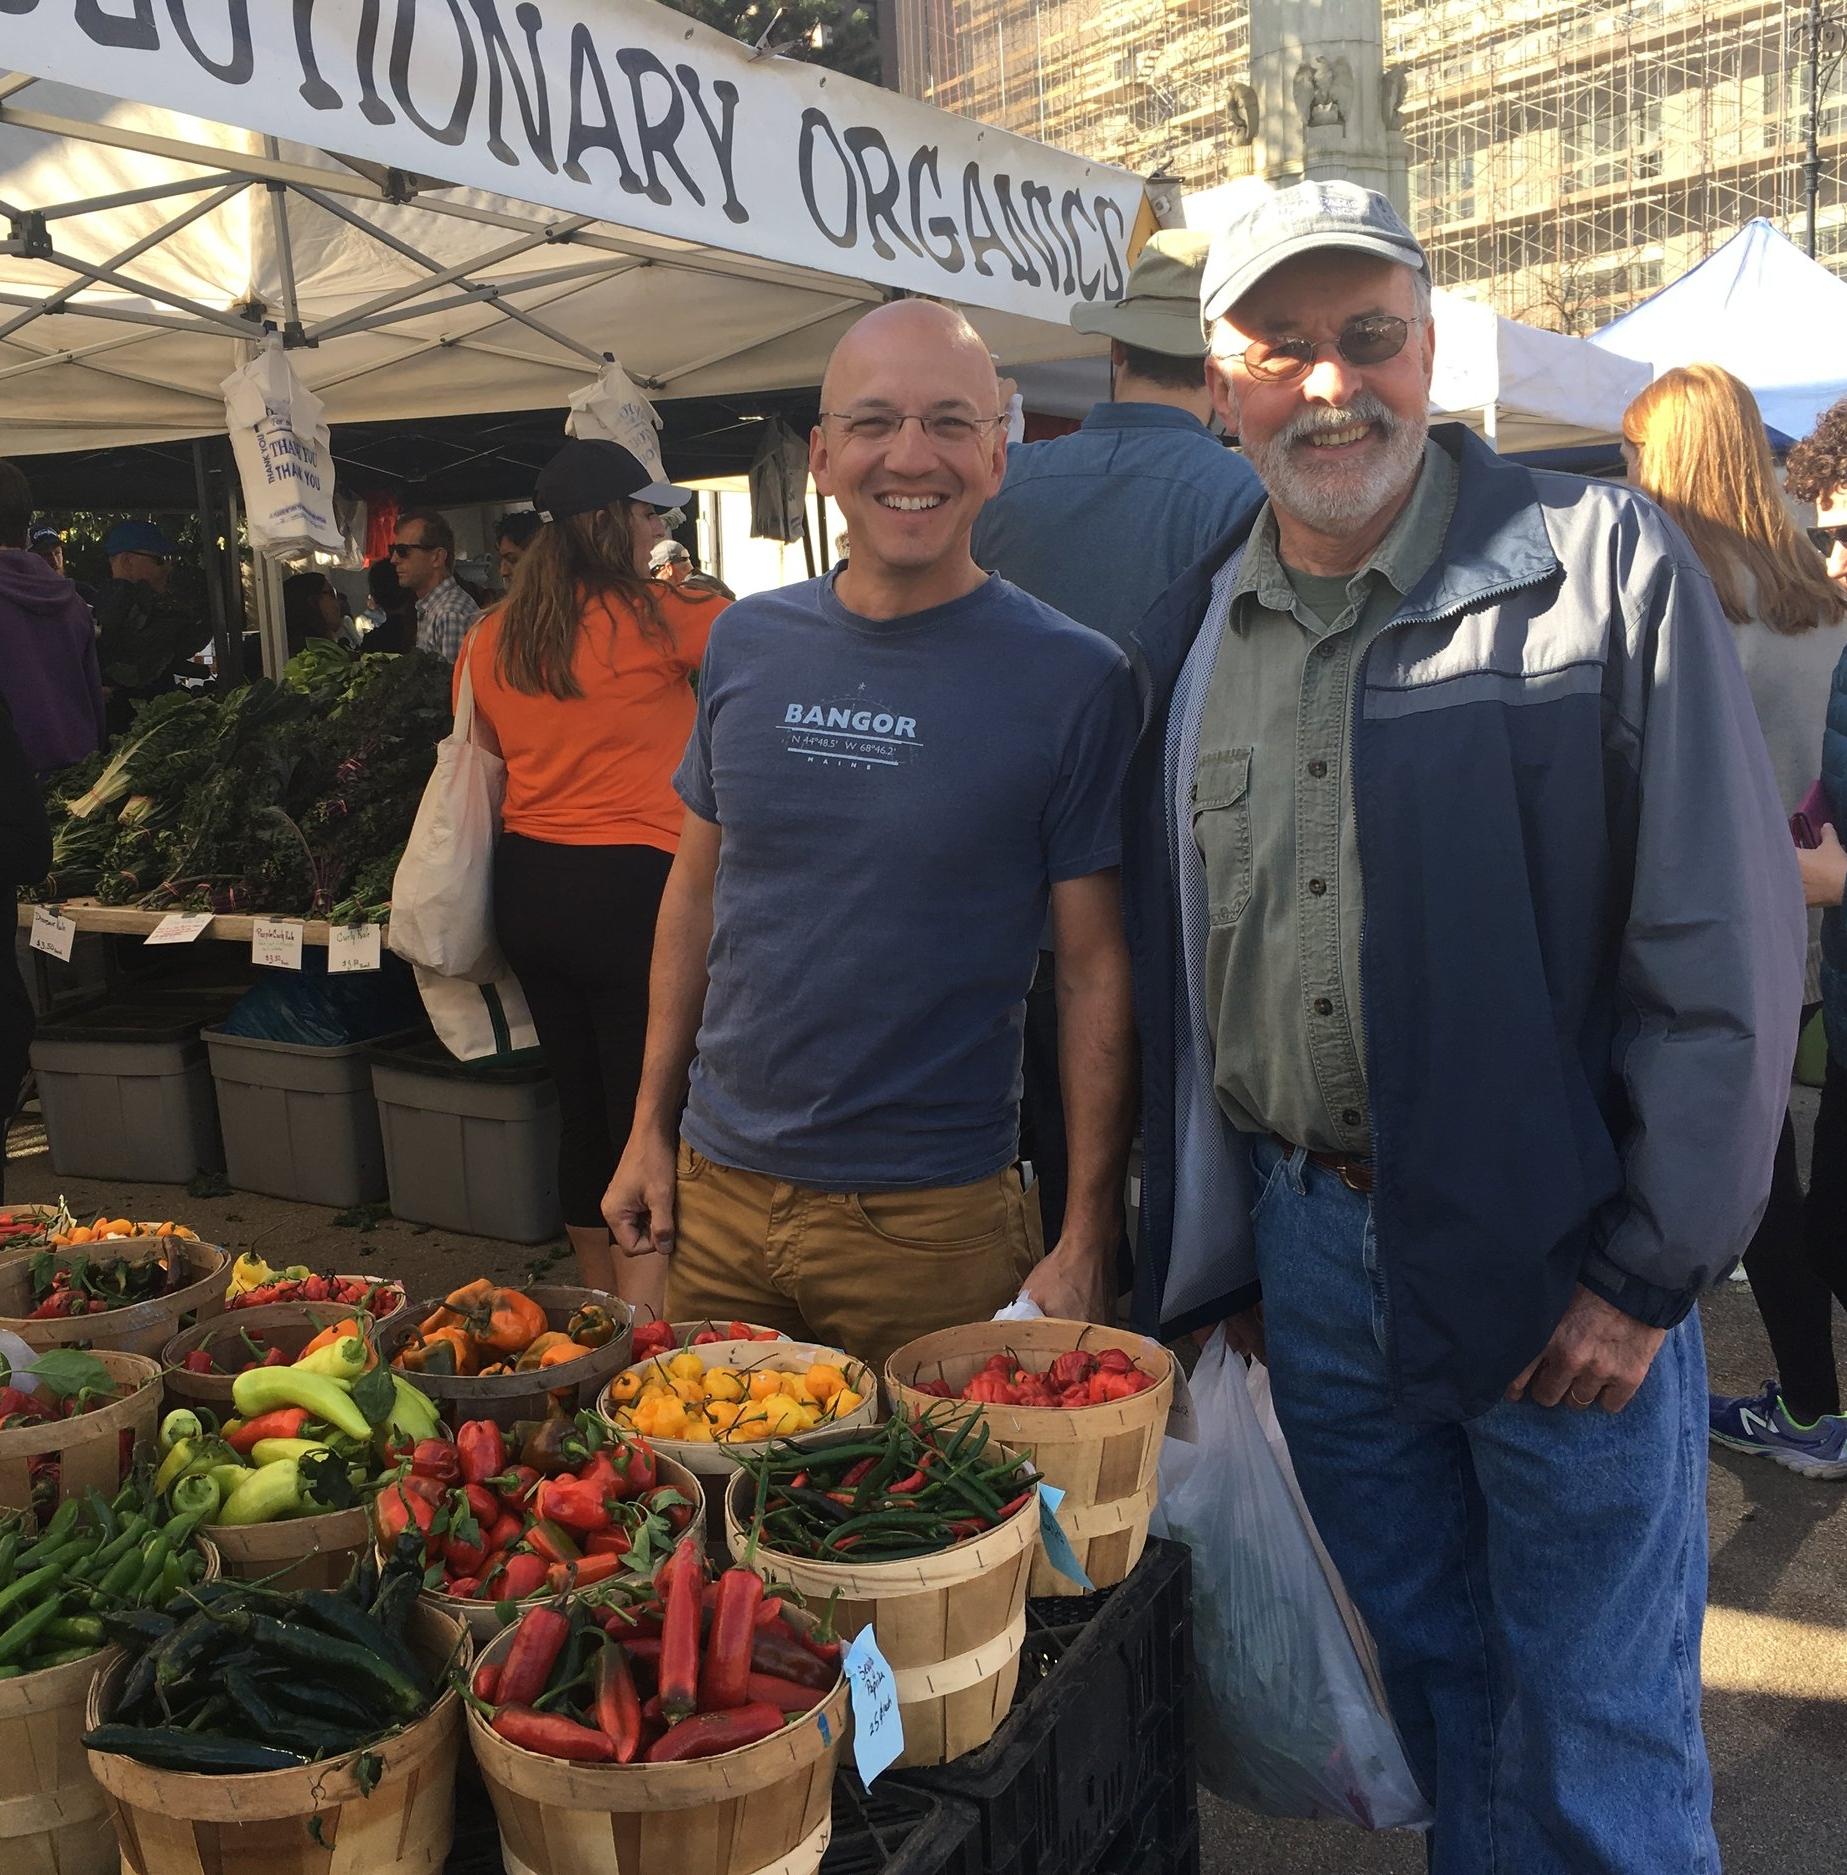 Geoff with Alex's dad  at a farmer's market in Brooklyn